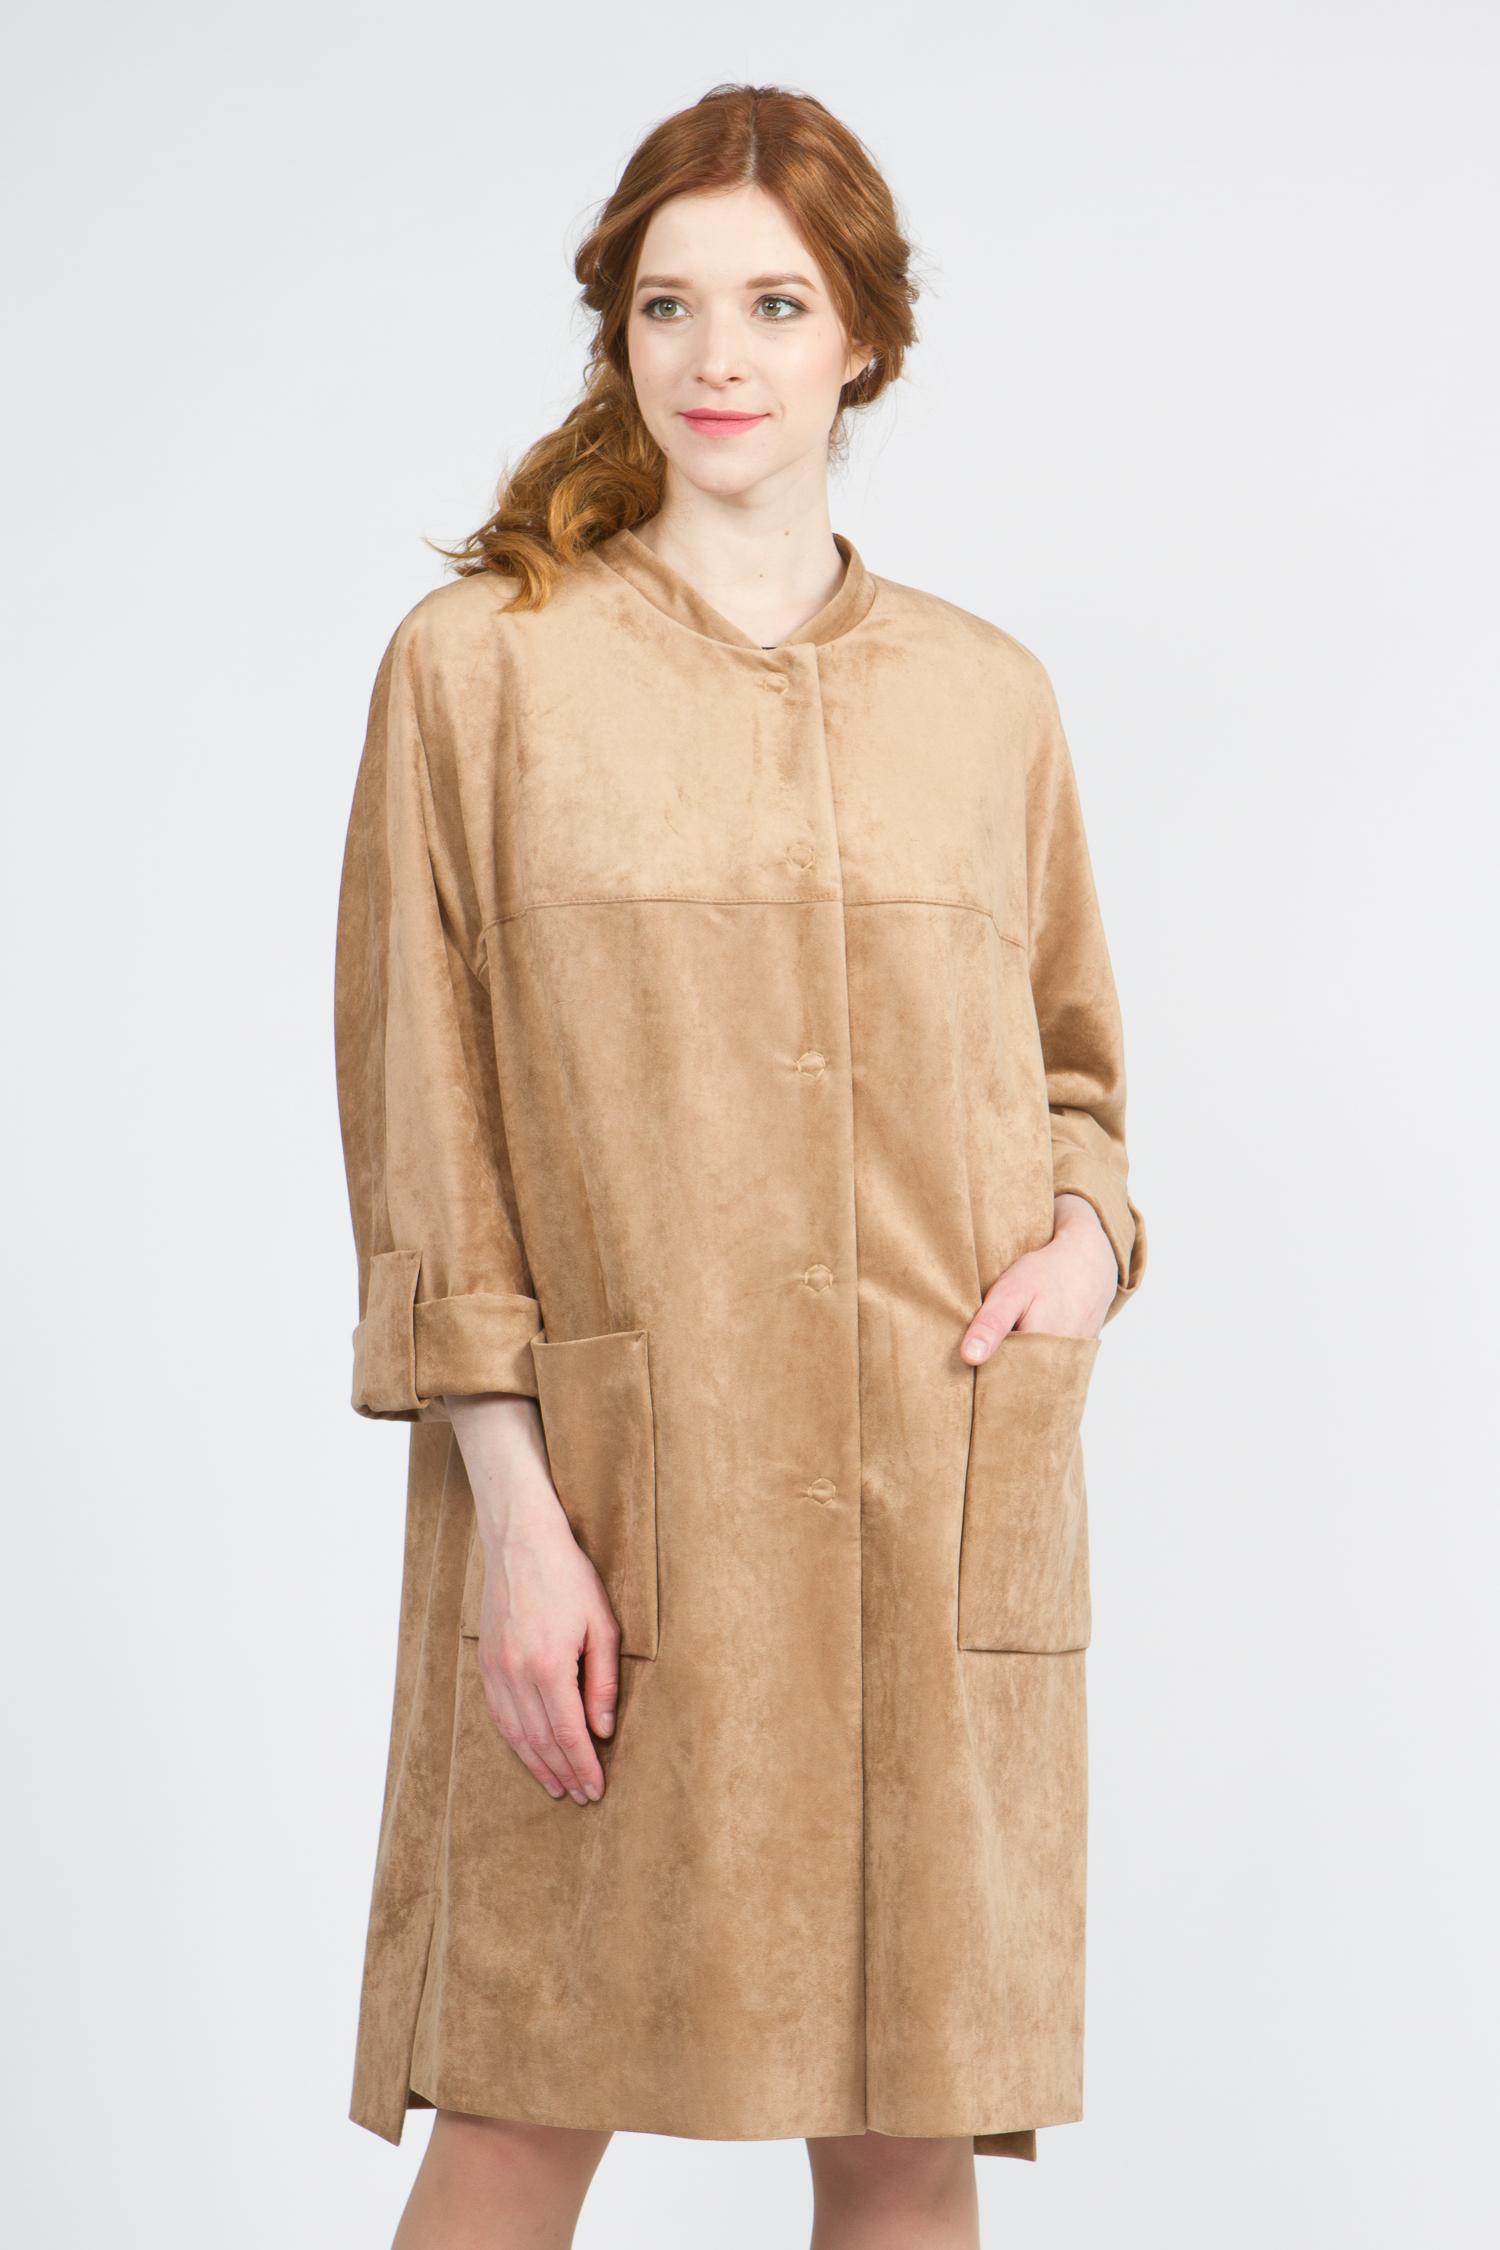 Облегченное женское пальто из текстиля с воротником, без отделки. Производитель: Московская Меховая Компания, артикул: 9070